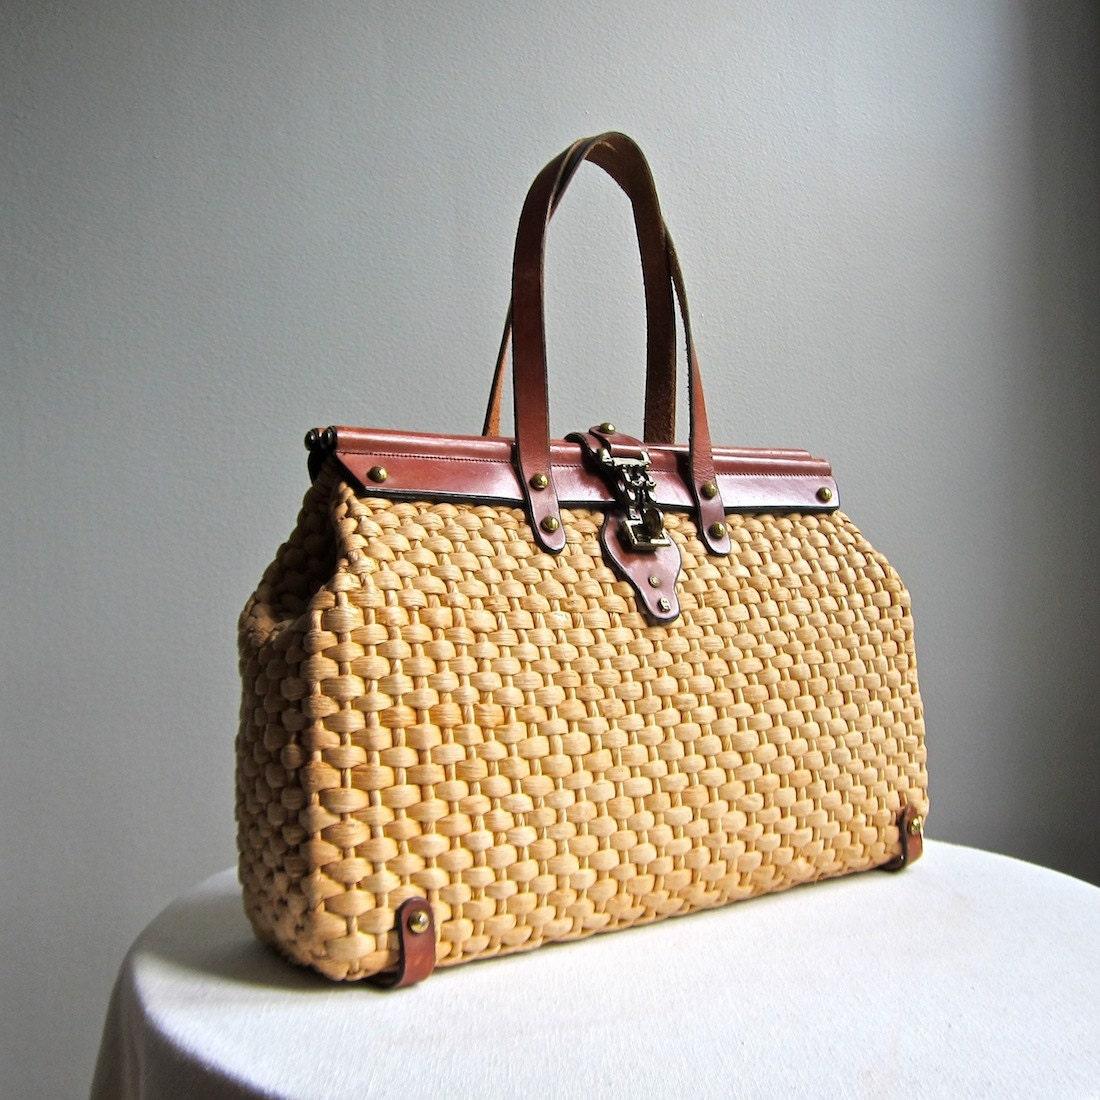 Etienne Aigner Summer Handbag Woven Straw by BarkingSandsVintage